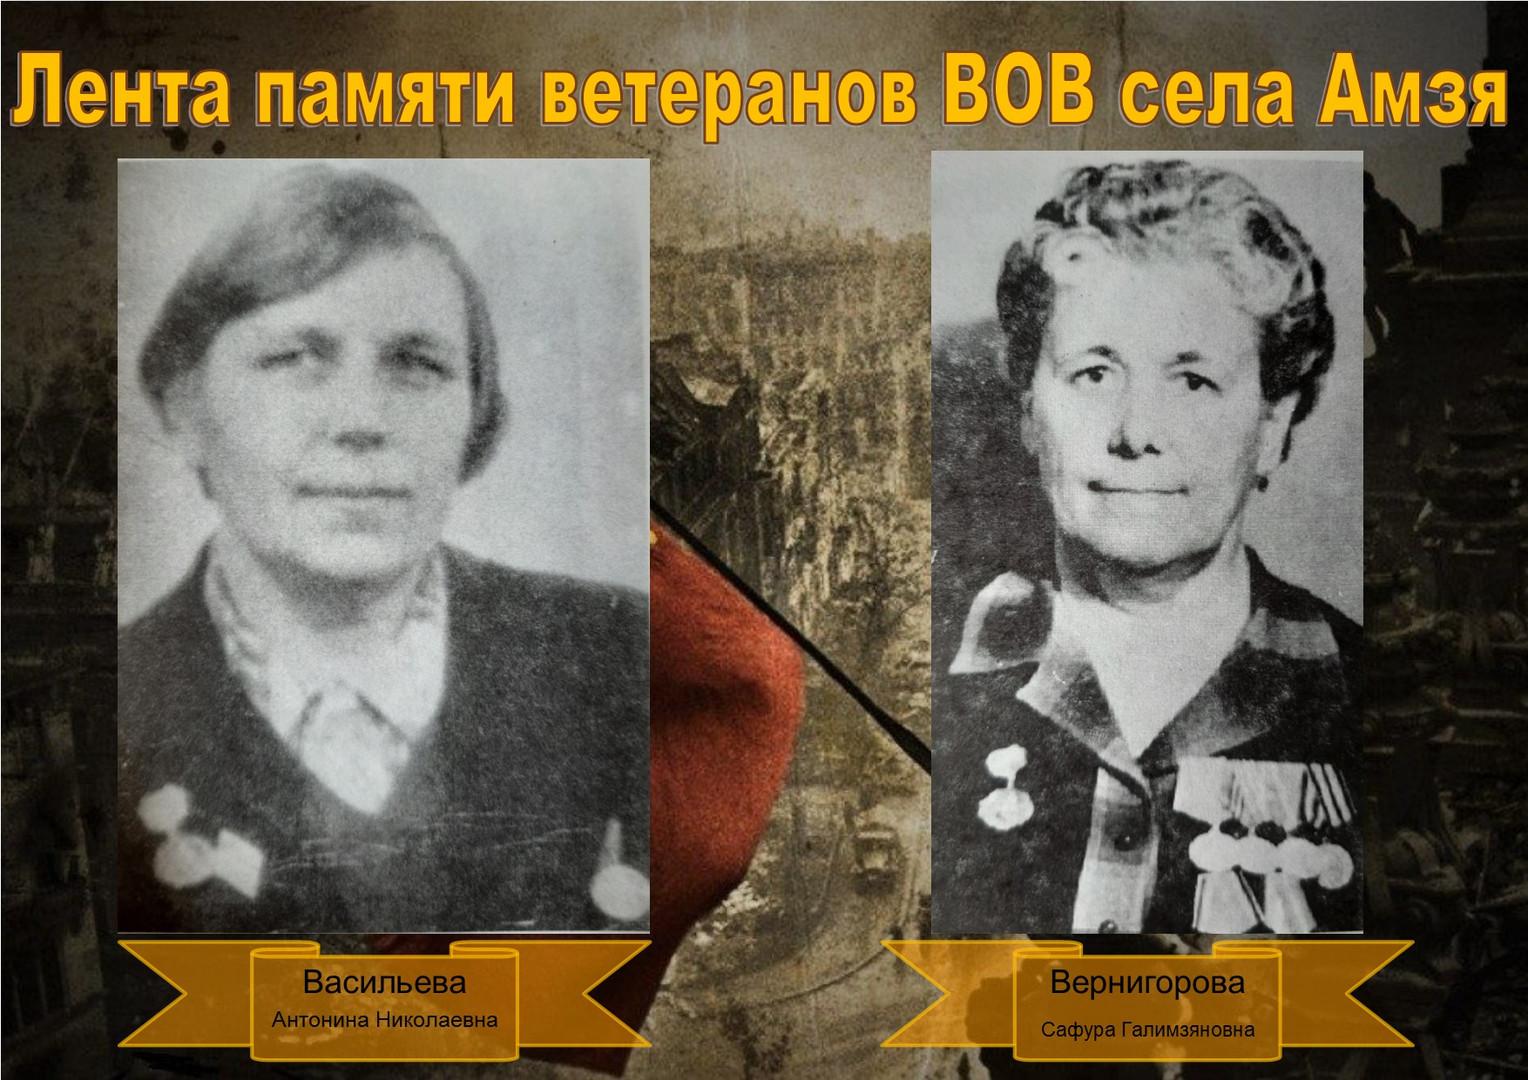 Васильева-Вернигорова.jpg